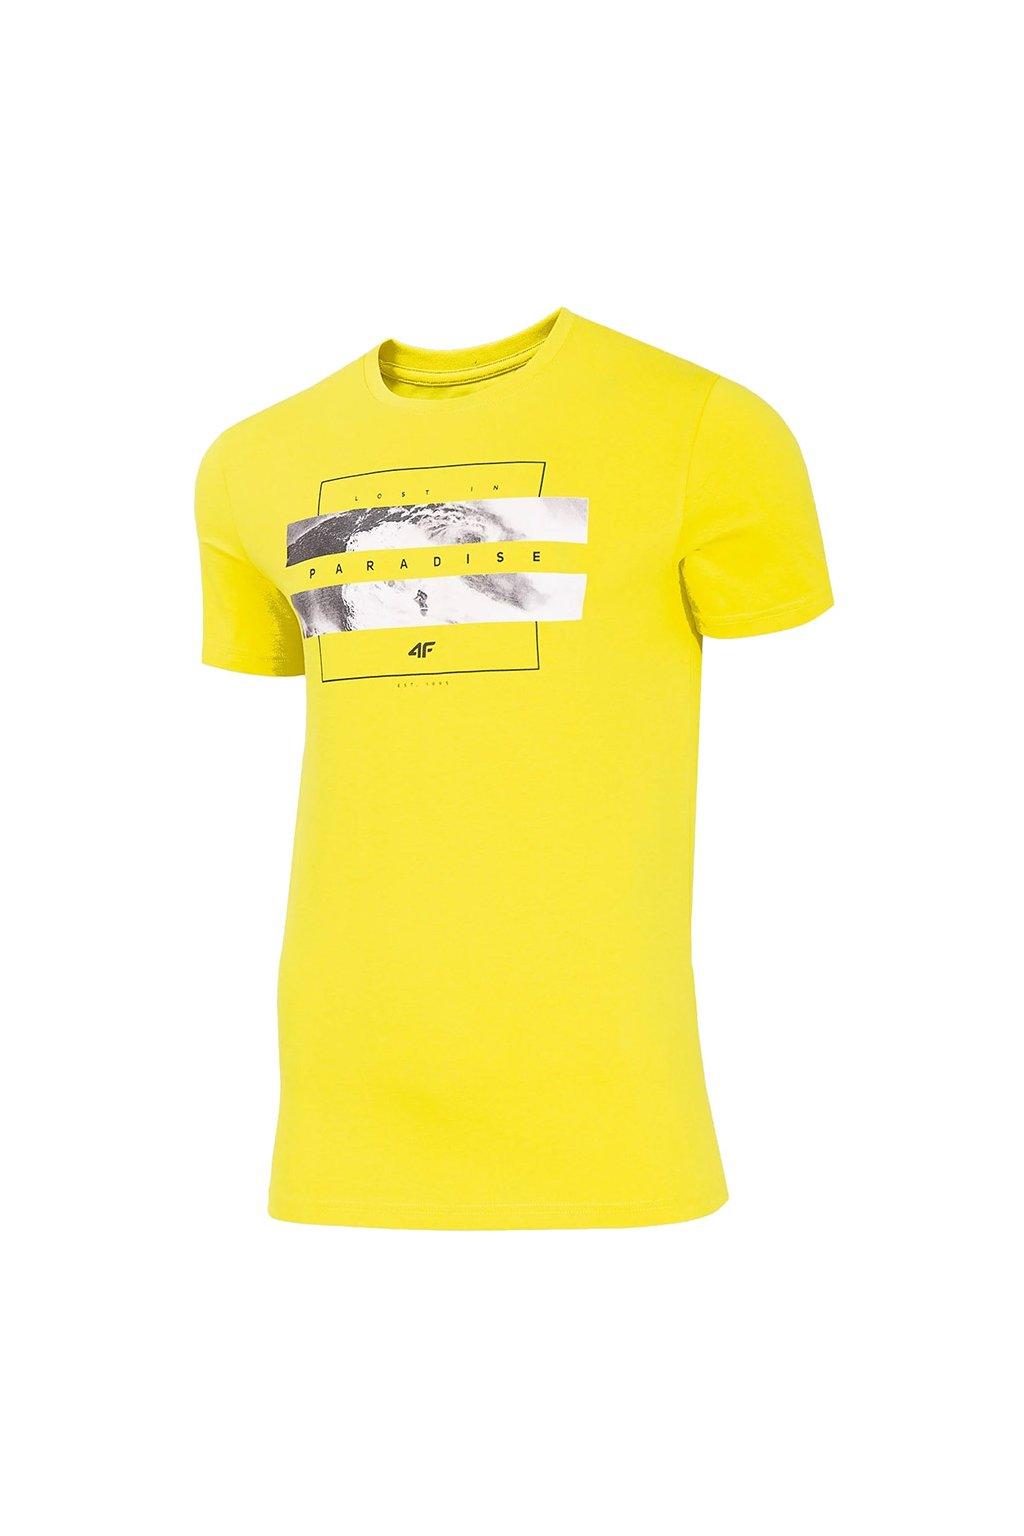 Pánske tričko 4F žlté H4L20 TSM035A 71S